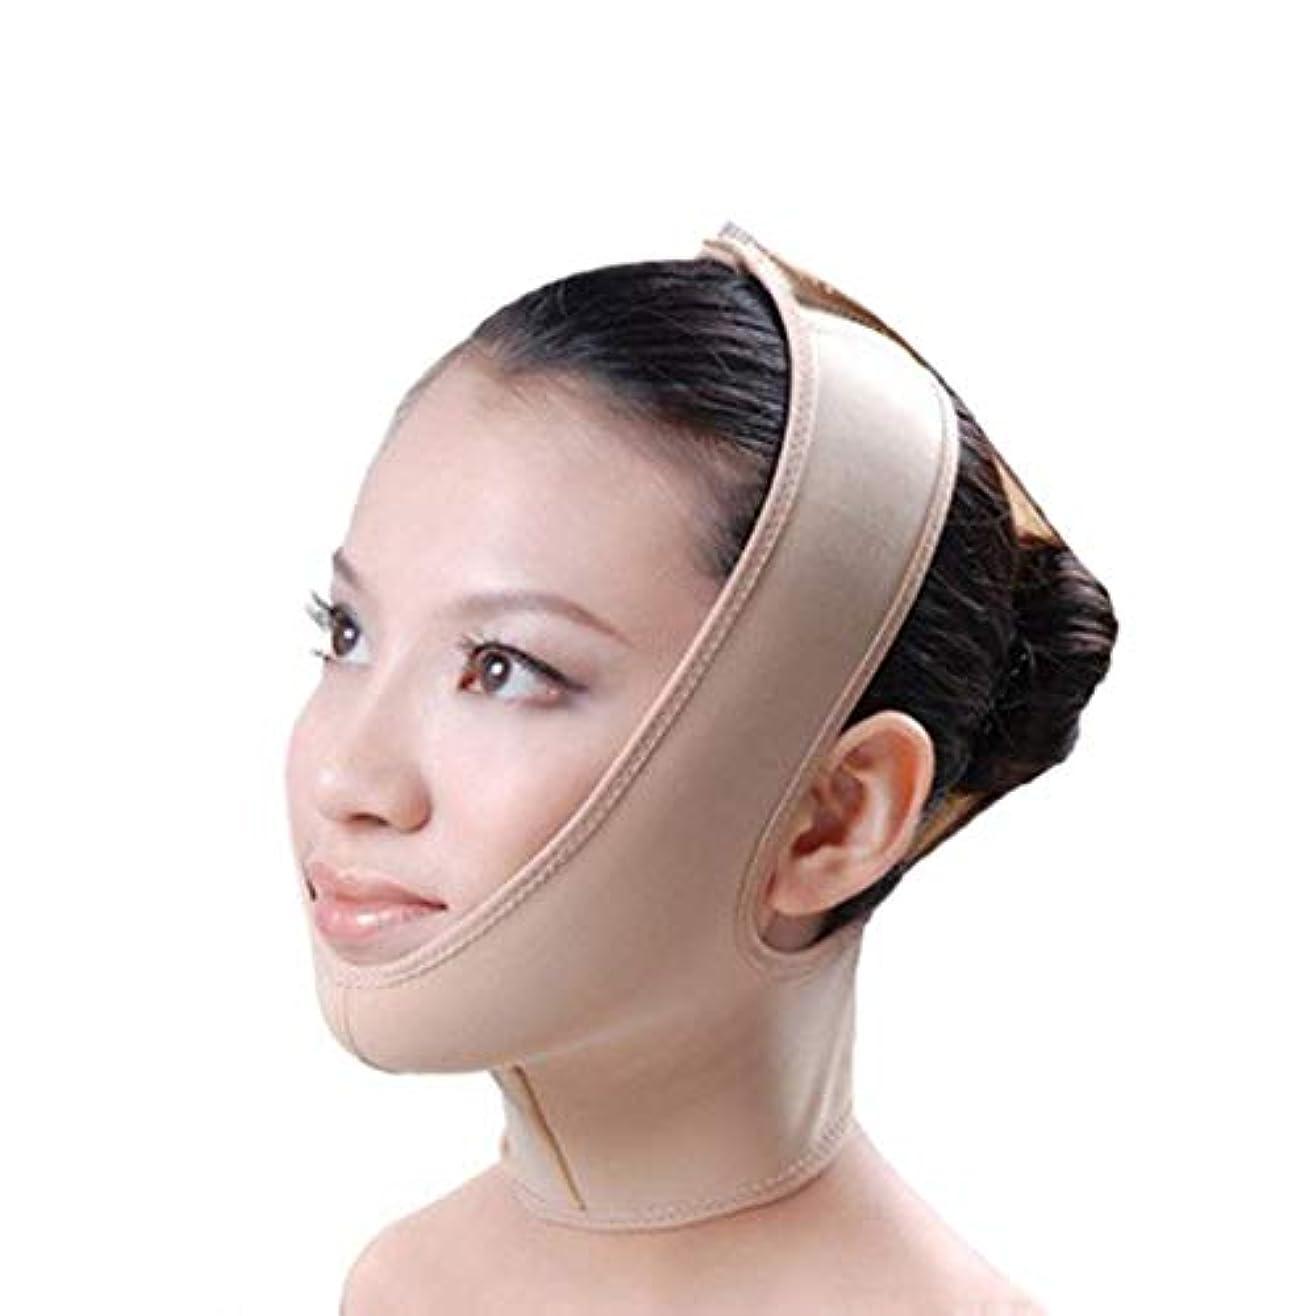 入る取り扱い筋肉のフェイススリム、リフティングマスク、包帯リフト、二重あご、引き締めフェイシャルリフト、フェイシャル減量マスク、リフティングスキン包帯(サイズ:XL),M